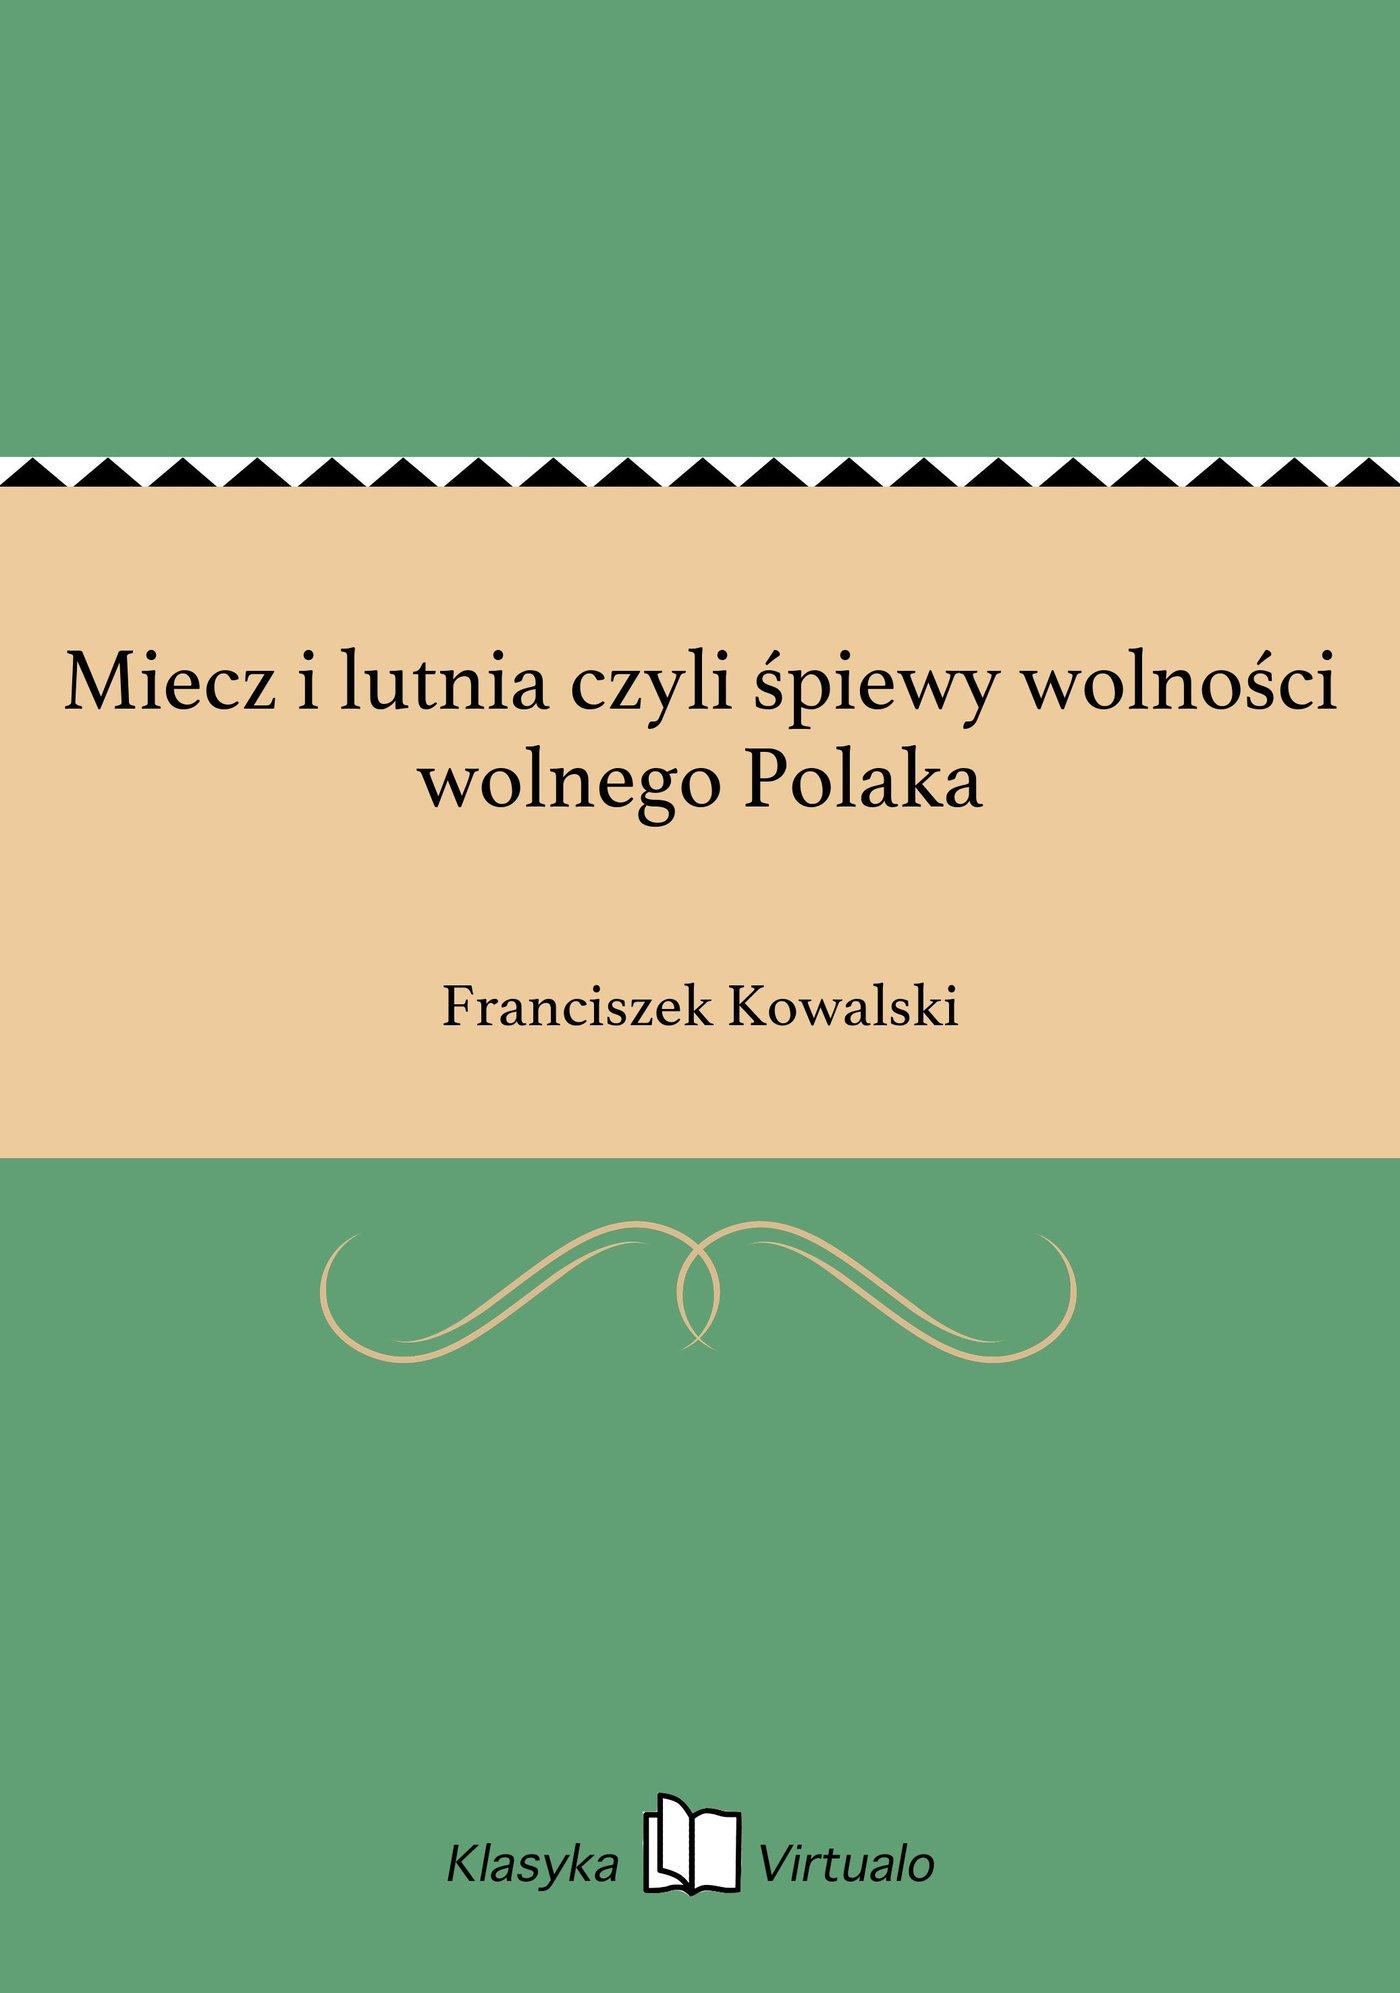 Miecz i lutnia czyli śpiewy wolności wolnego Polaka - Ebook (Książka EPUB) do pobrania w formacie EPUB